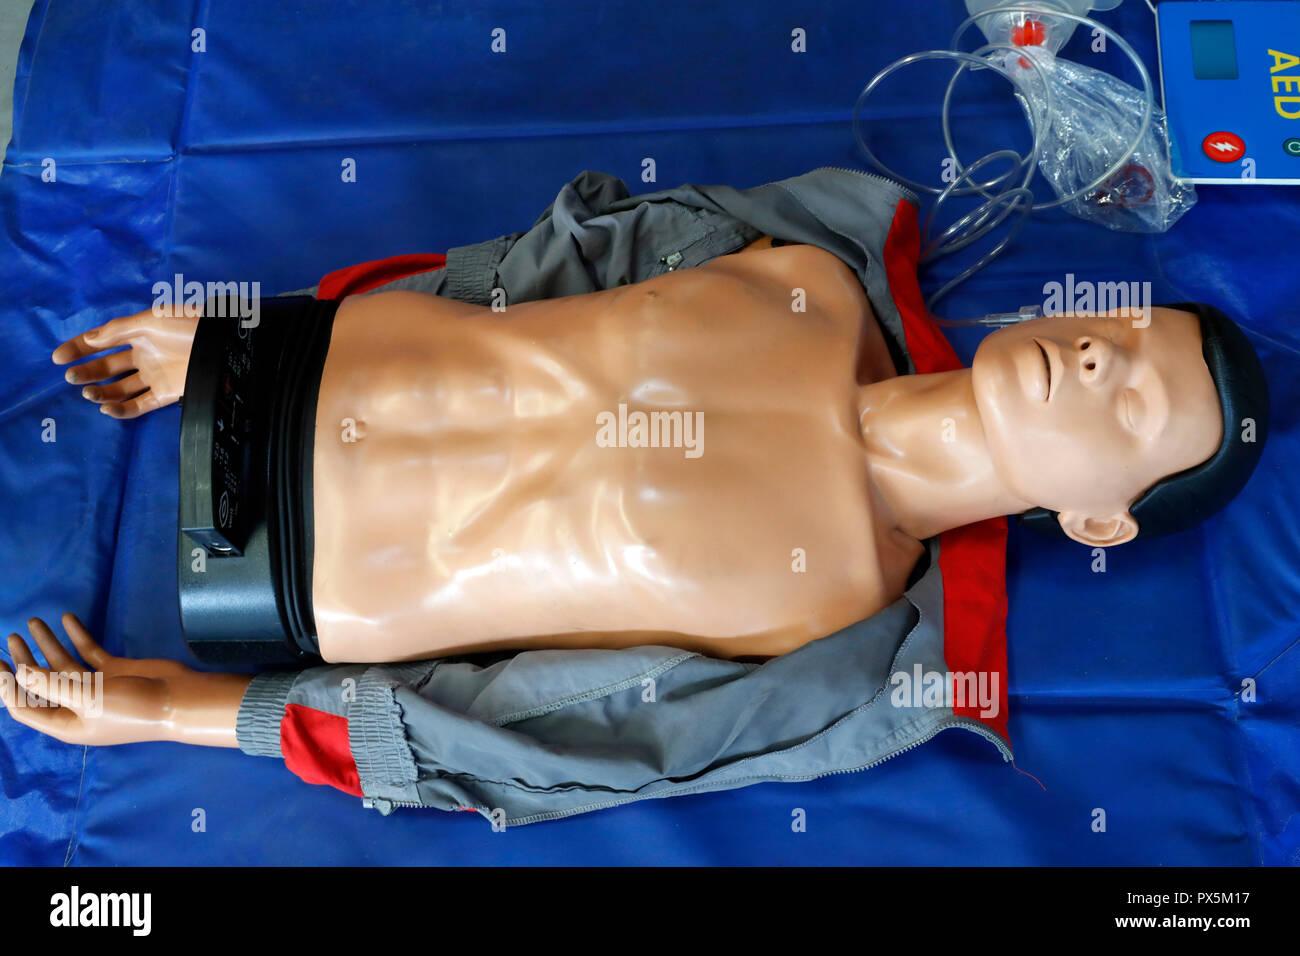 Salvare la vita di primo soccorso sul modello. La Francia. Immagini Stock